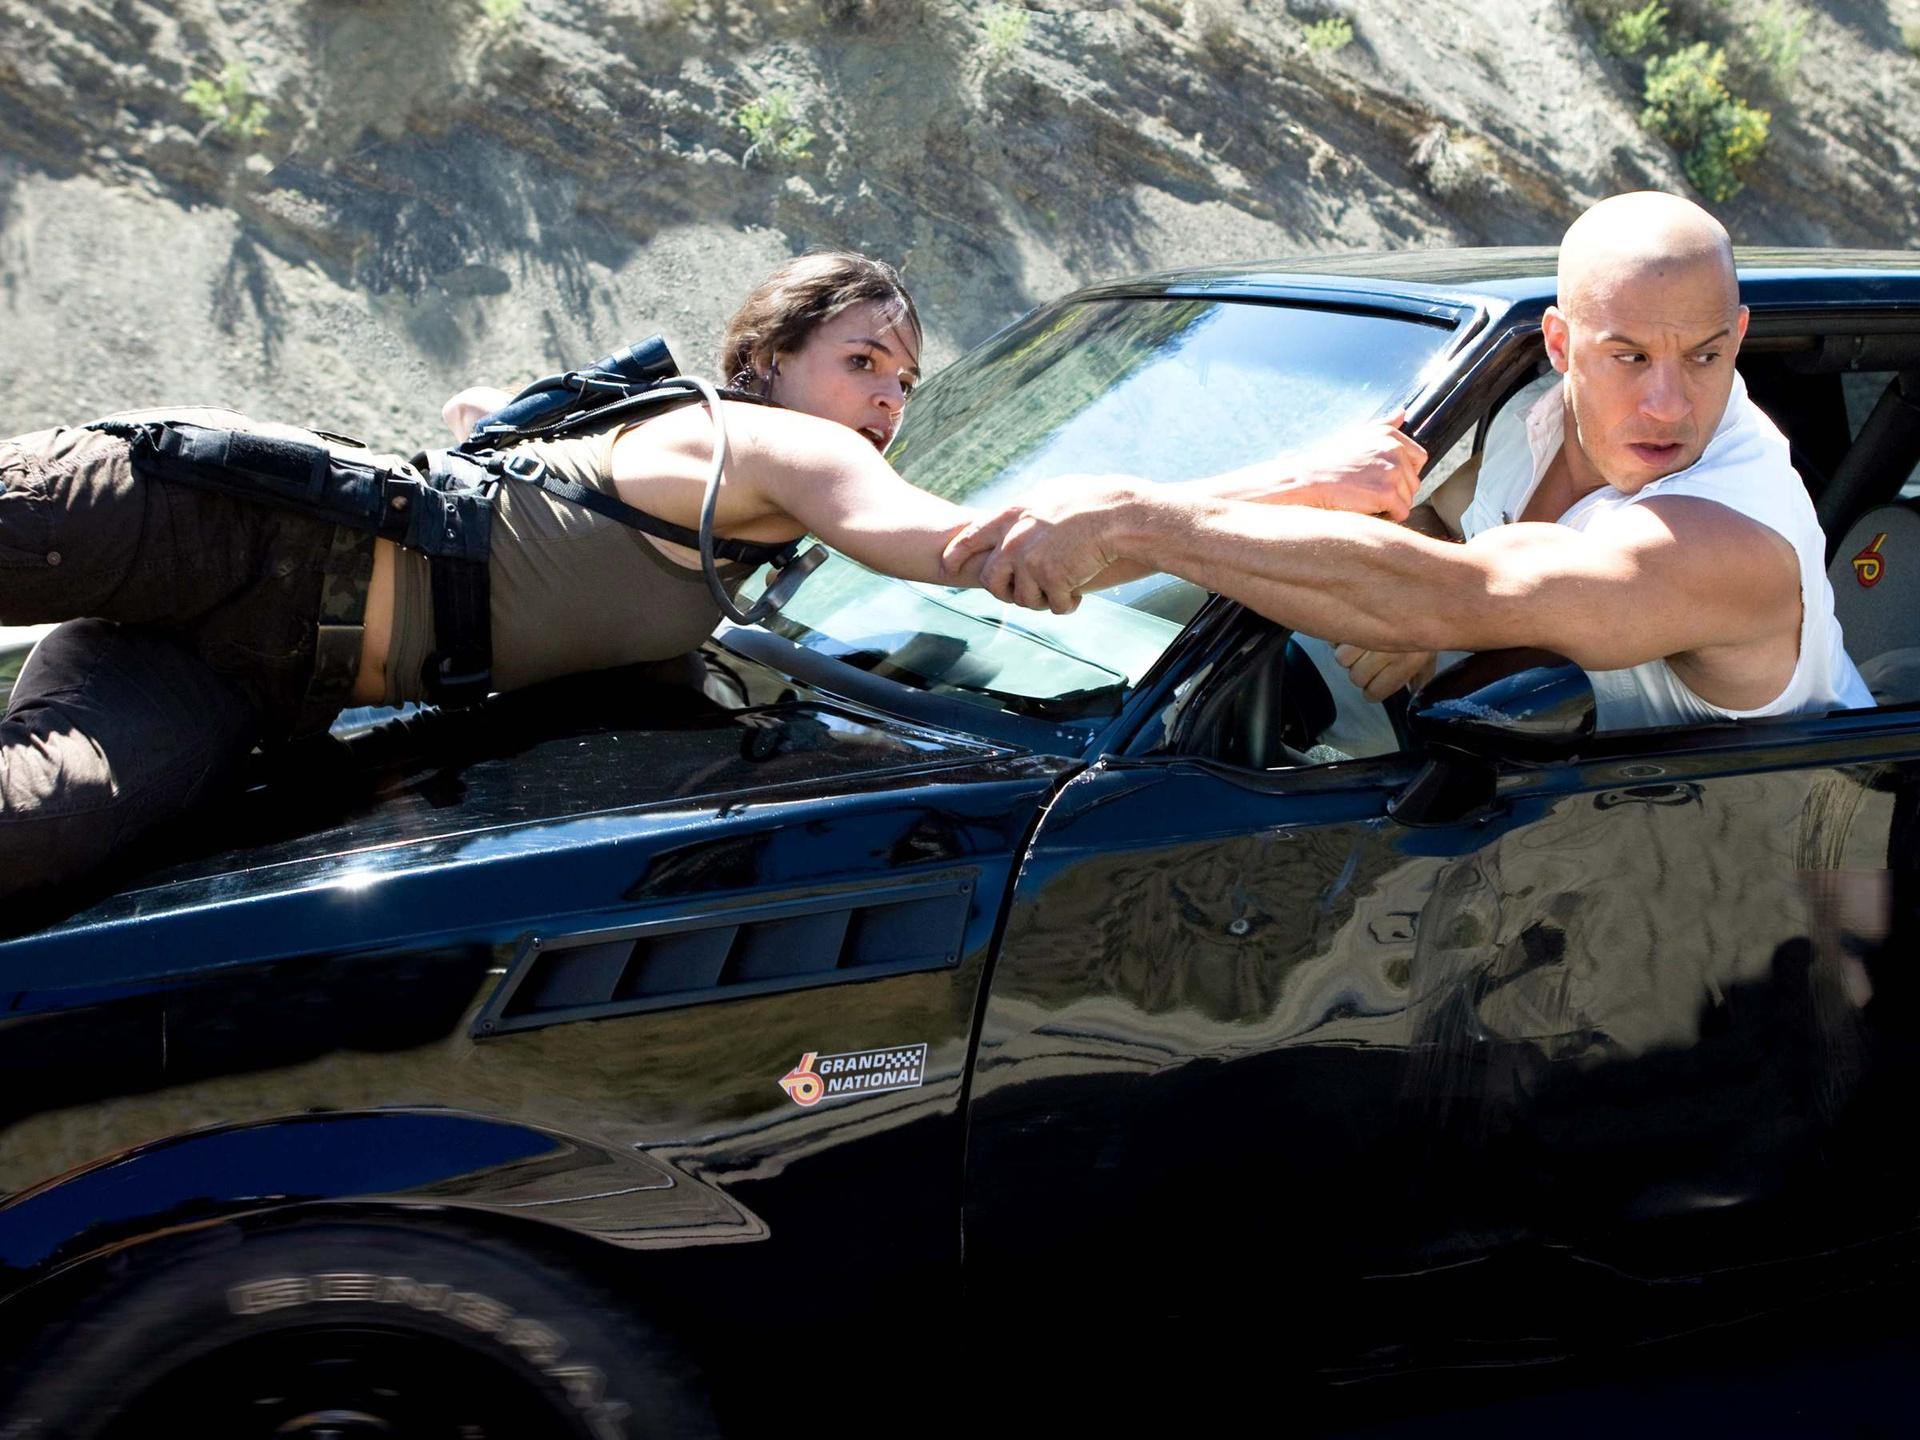 Màn trốn thoát bằng xe chở dầu trong Fast & Furious (2009): Trong cảnh phim, một chiếc xe bồn đang băng qua sa mạc, kéo theo những téc dầu trị giá nhiều triệu USD. Nhóm của Dom (Vin Diesel) áp sát chiếc xe, âm mưu thực hiện vụ trộm ở tốc độ chết người. Nhiệm vụ của họ là tách từng téc dầu khỏi chiếc xe và sau đó bỏ trốn với số nhiên liệu quý giá.